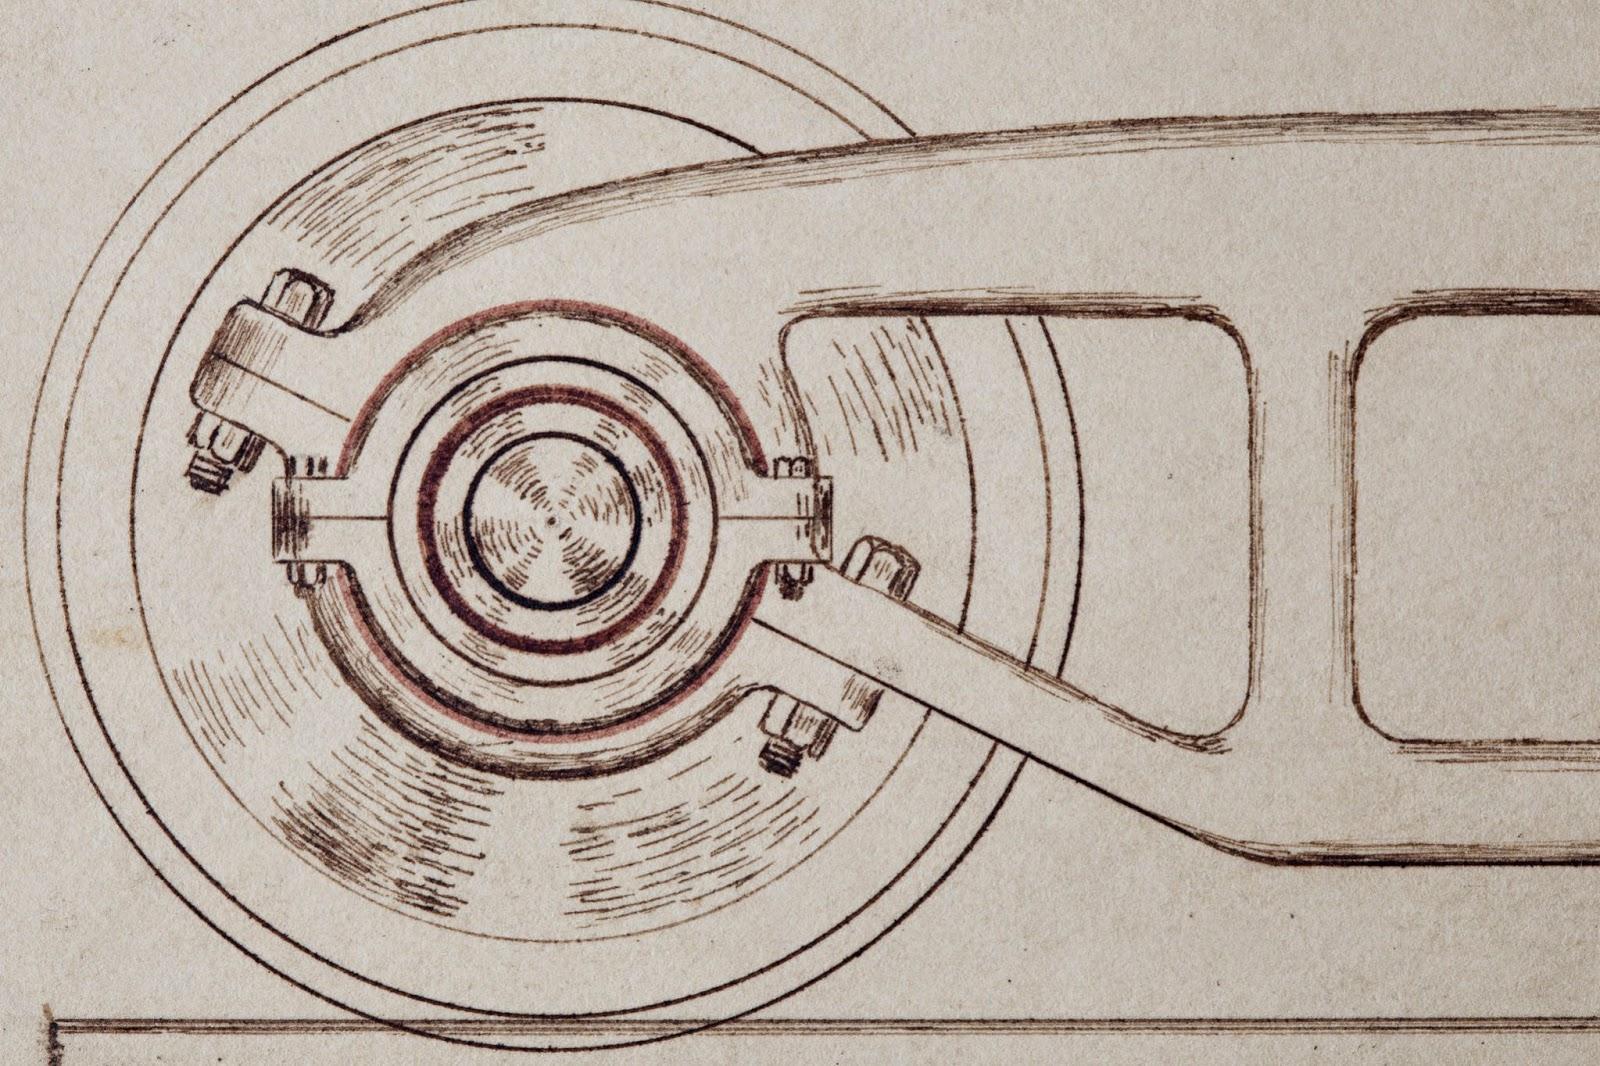 Egy doboz rejtélye: Négy arcú/állatfejű, szárnyas idegenek és járművek 1946-ból